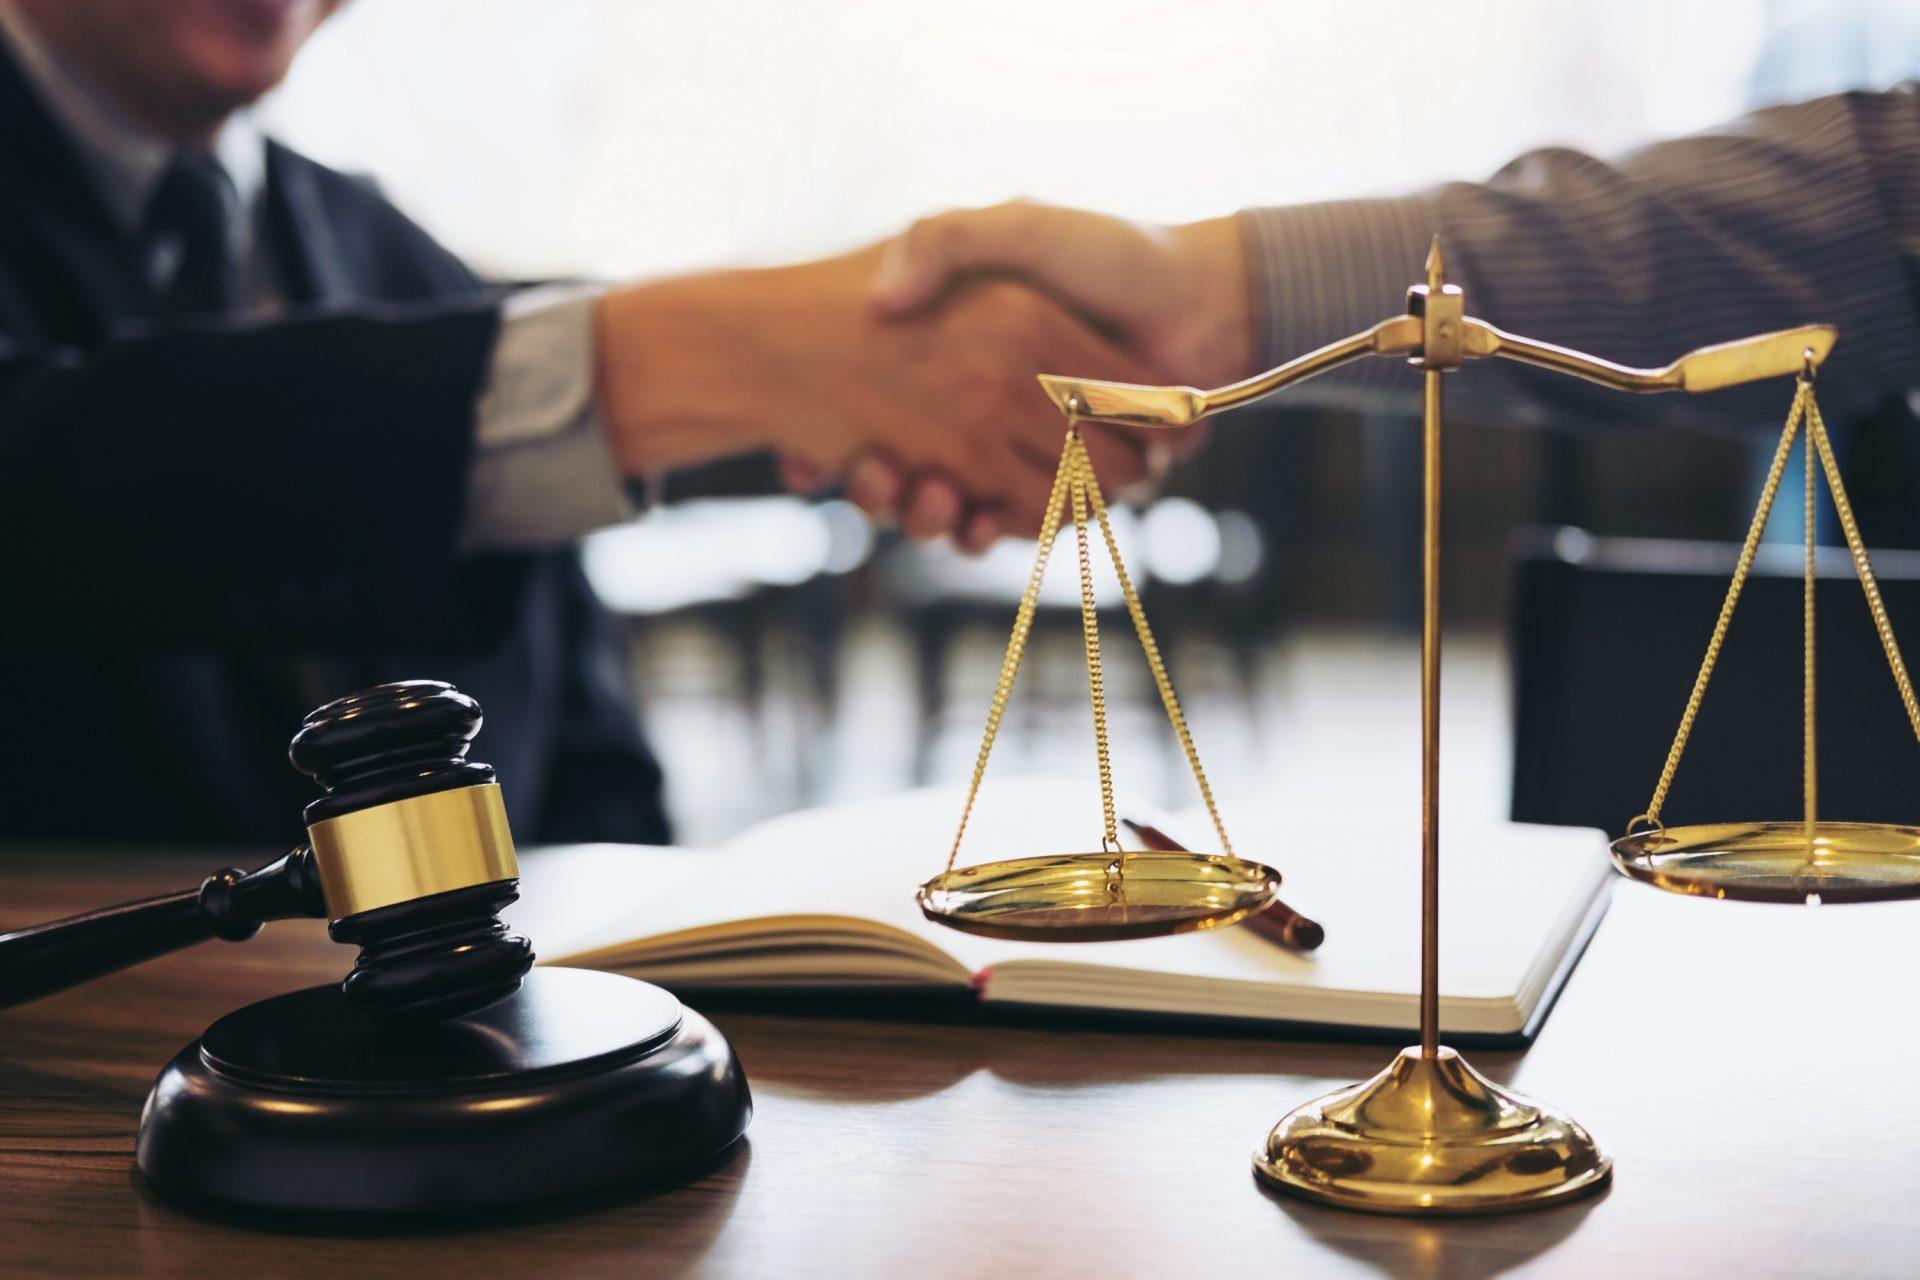 משרד עורכי דין שמעון ריינר (צילום: shutterstock)